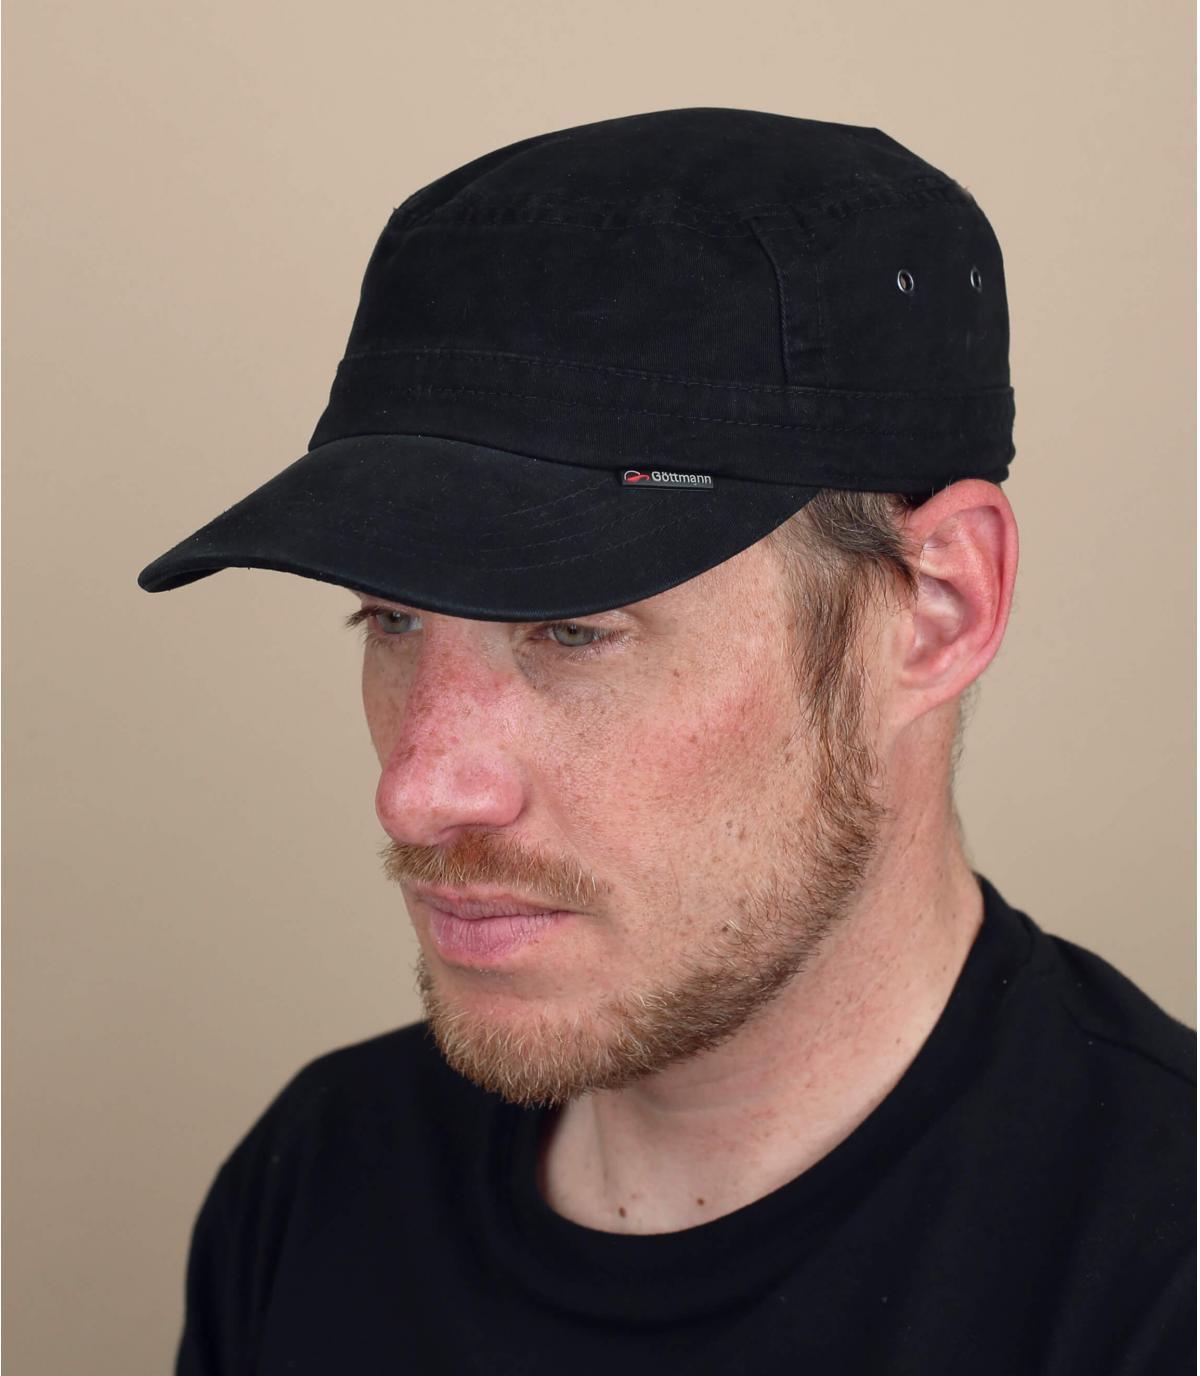 casquette militaire noire